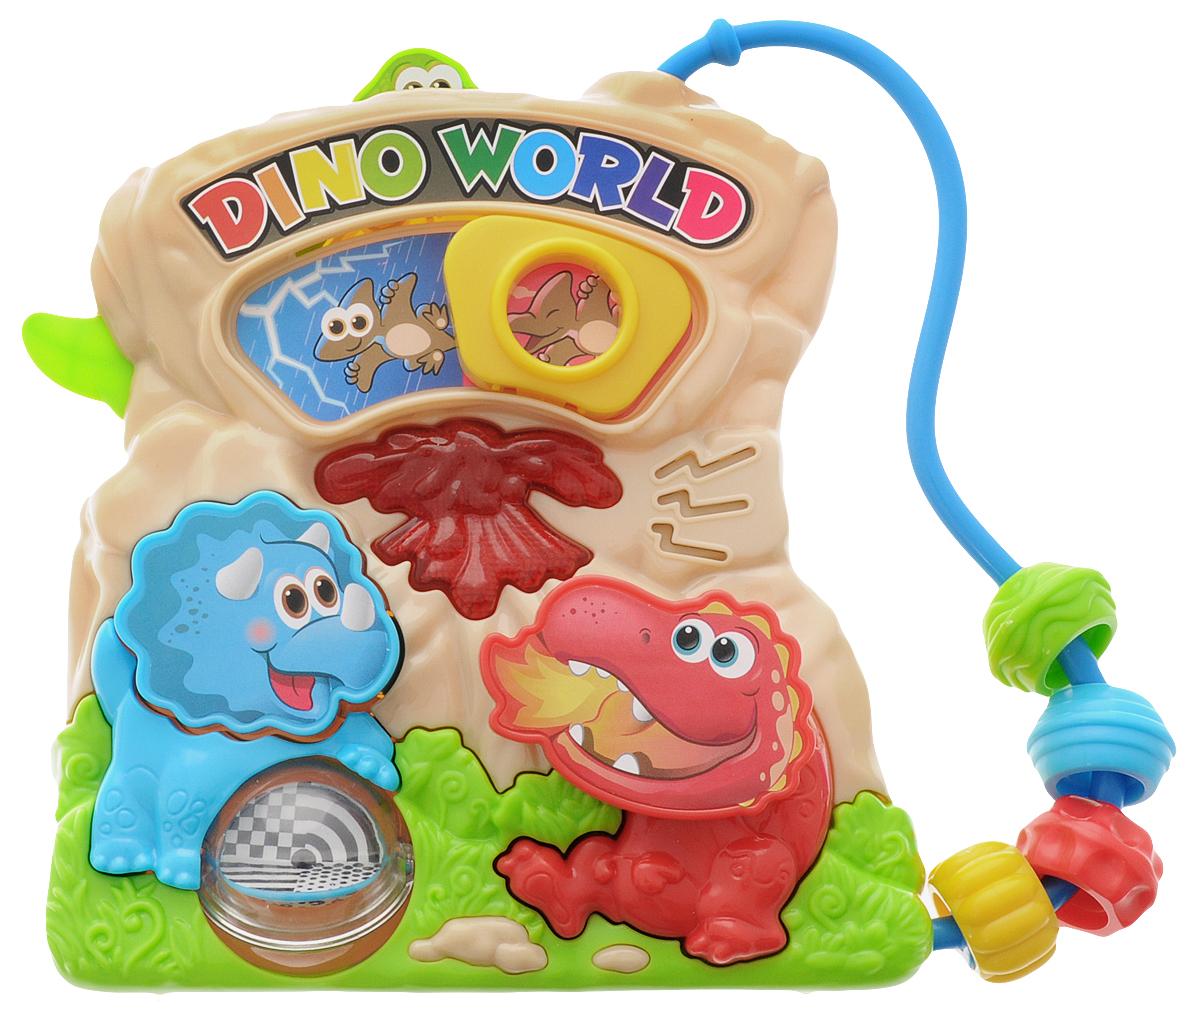 Playgo Развивающая игрушка Мир динозавровPlay 1006Развивающая игрушка Playgo Мир динозавров станет прекрасным подарком для крохи. Динозавры в своей обычной среде обитания рады провести время с малышом. Колесо фортуны крутится, а нажимая на кнопочки, малыш услышит различные звуки. Кроме того, у игрушки имеются двигающиеся цветные колечки. Изготовленная из качественного пластика, яркая игрушка поможет развить тактильные ощущения, звуковое восприятие, воображение, световое восприятие и моторику ручек. Небольшой размер позволит брать веселую игрушку на прогулку или в поездку. Рекомендуется докупить 2 батарейки напряжением 1,5V типа АА (товар комплектуется демонстрационными).